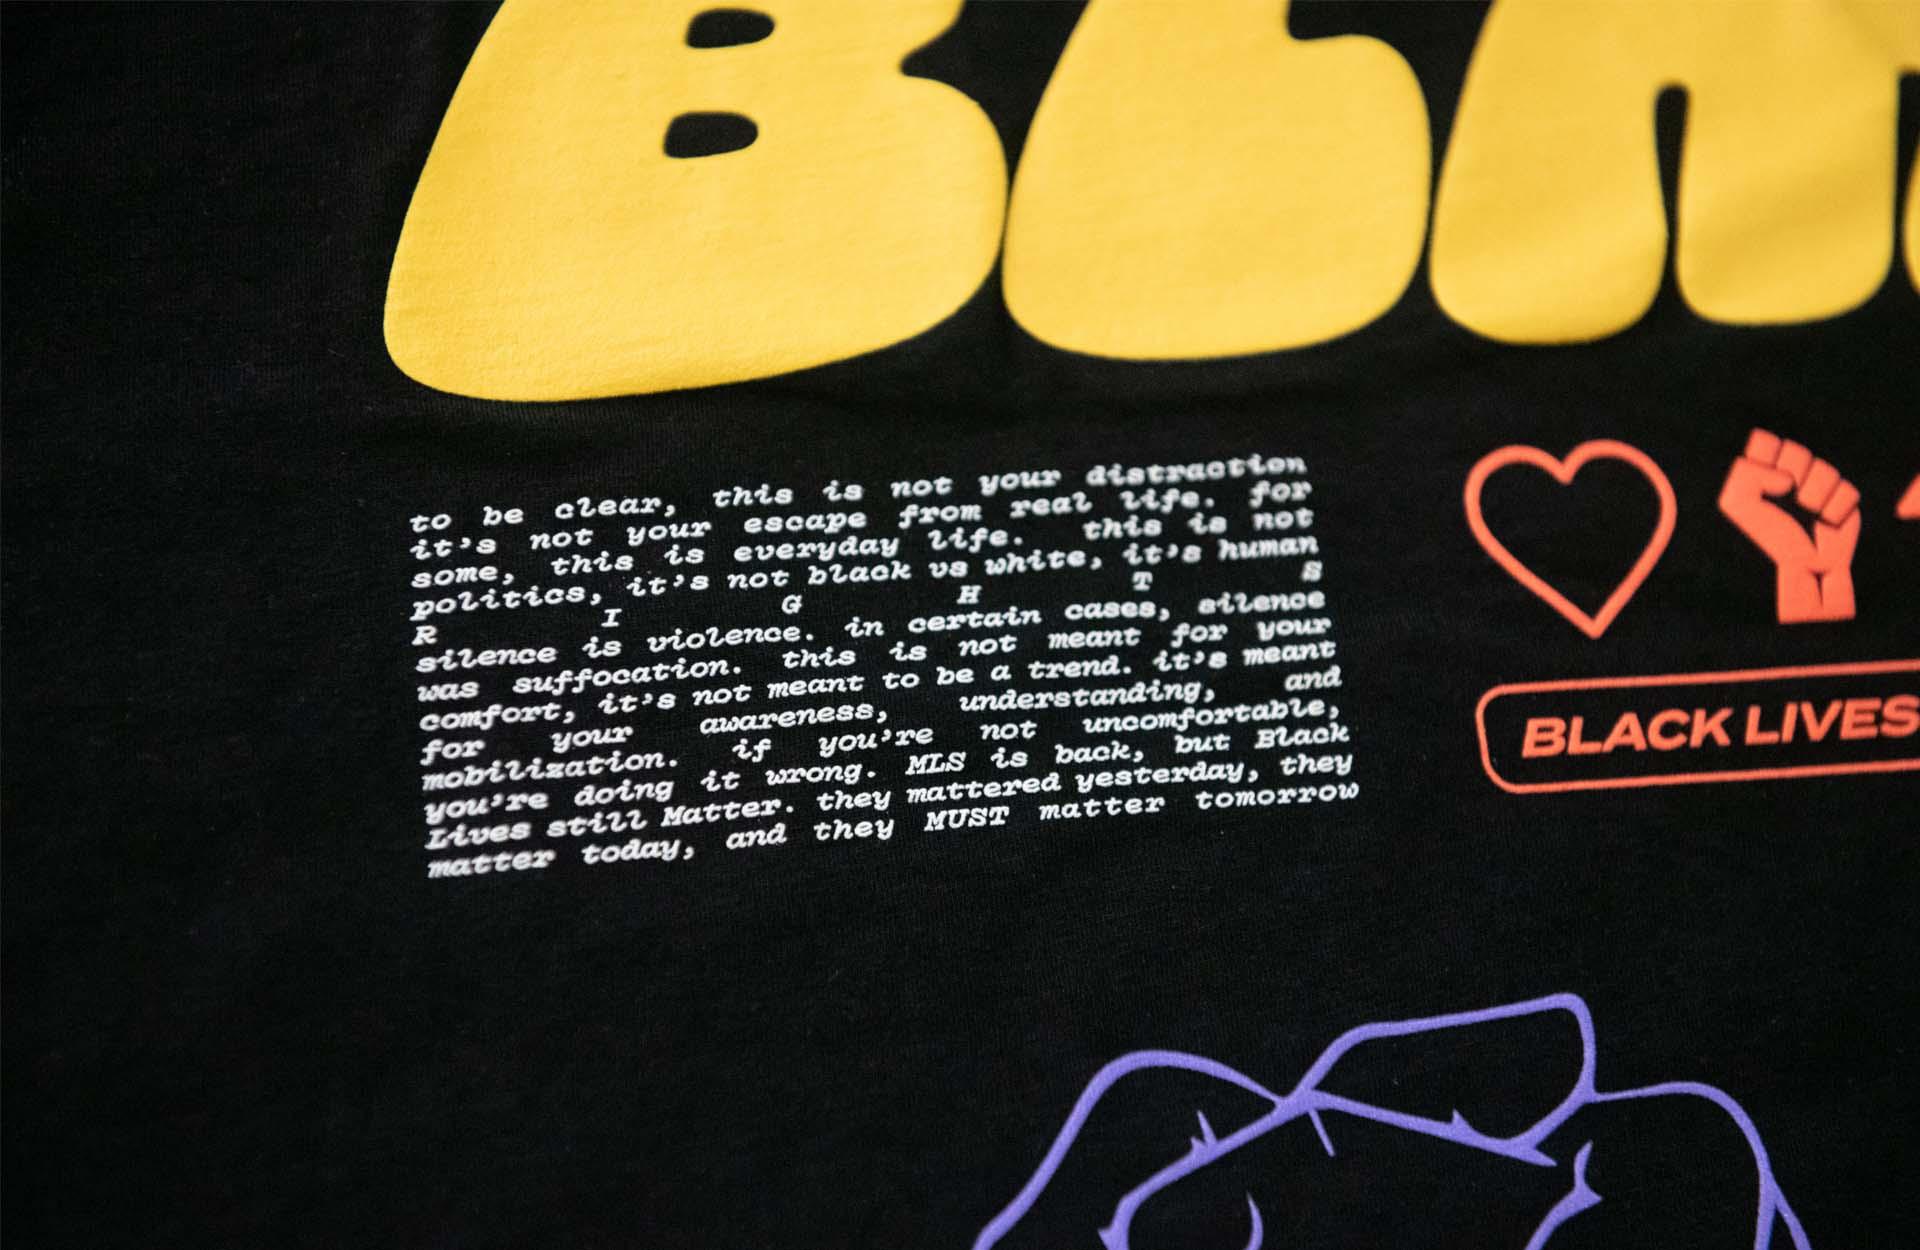 mls blm t shirt